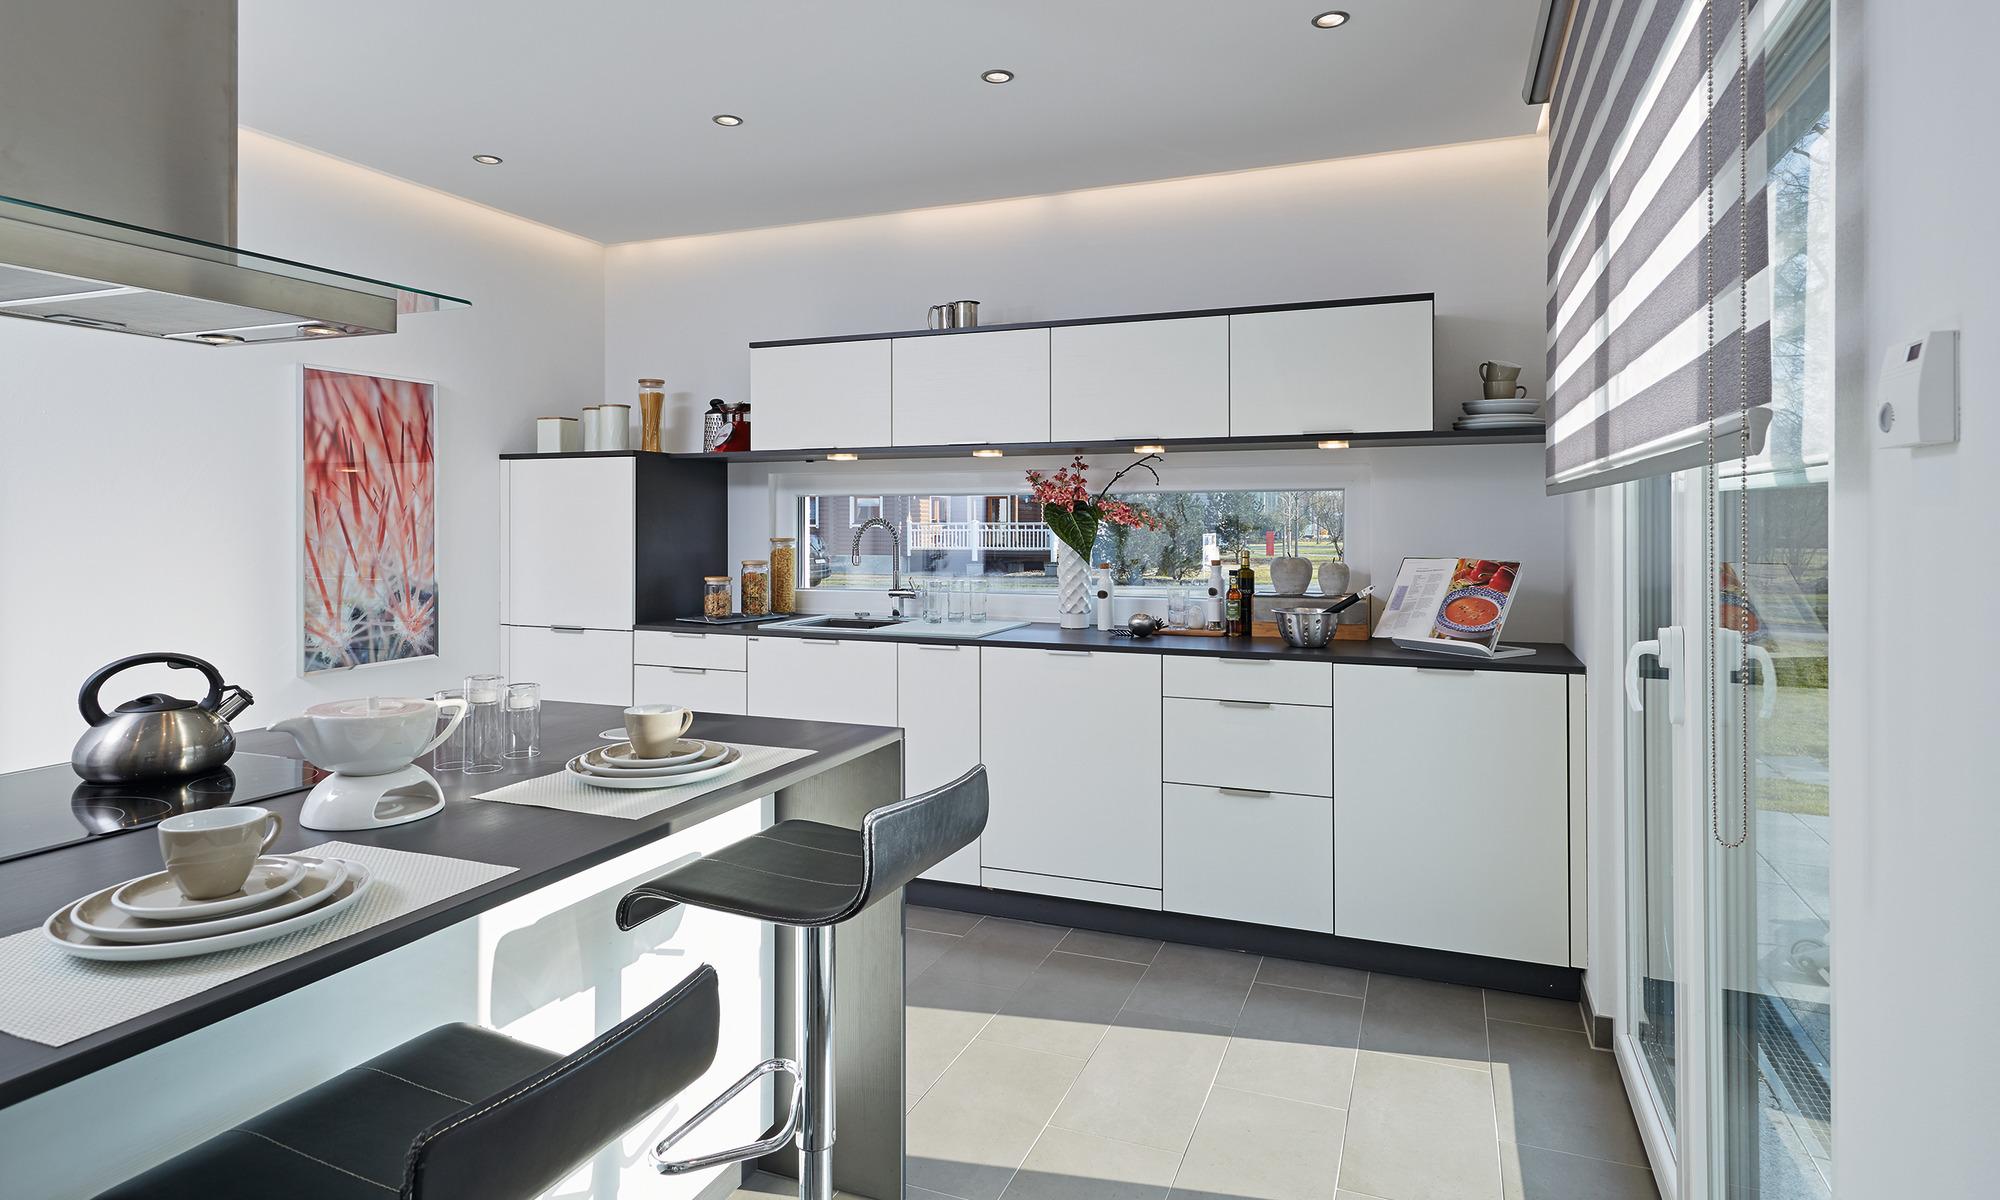 Küche im offenen Wohnbereich